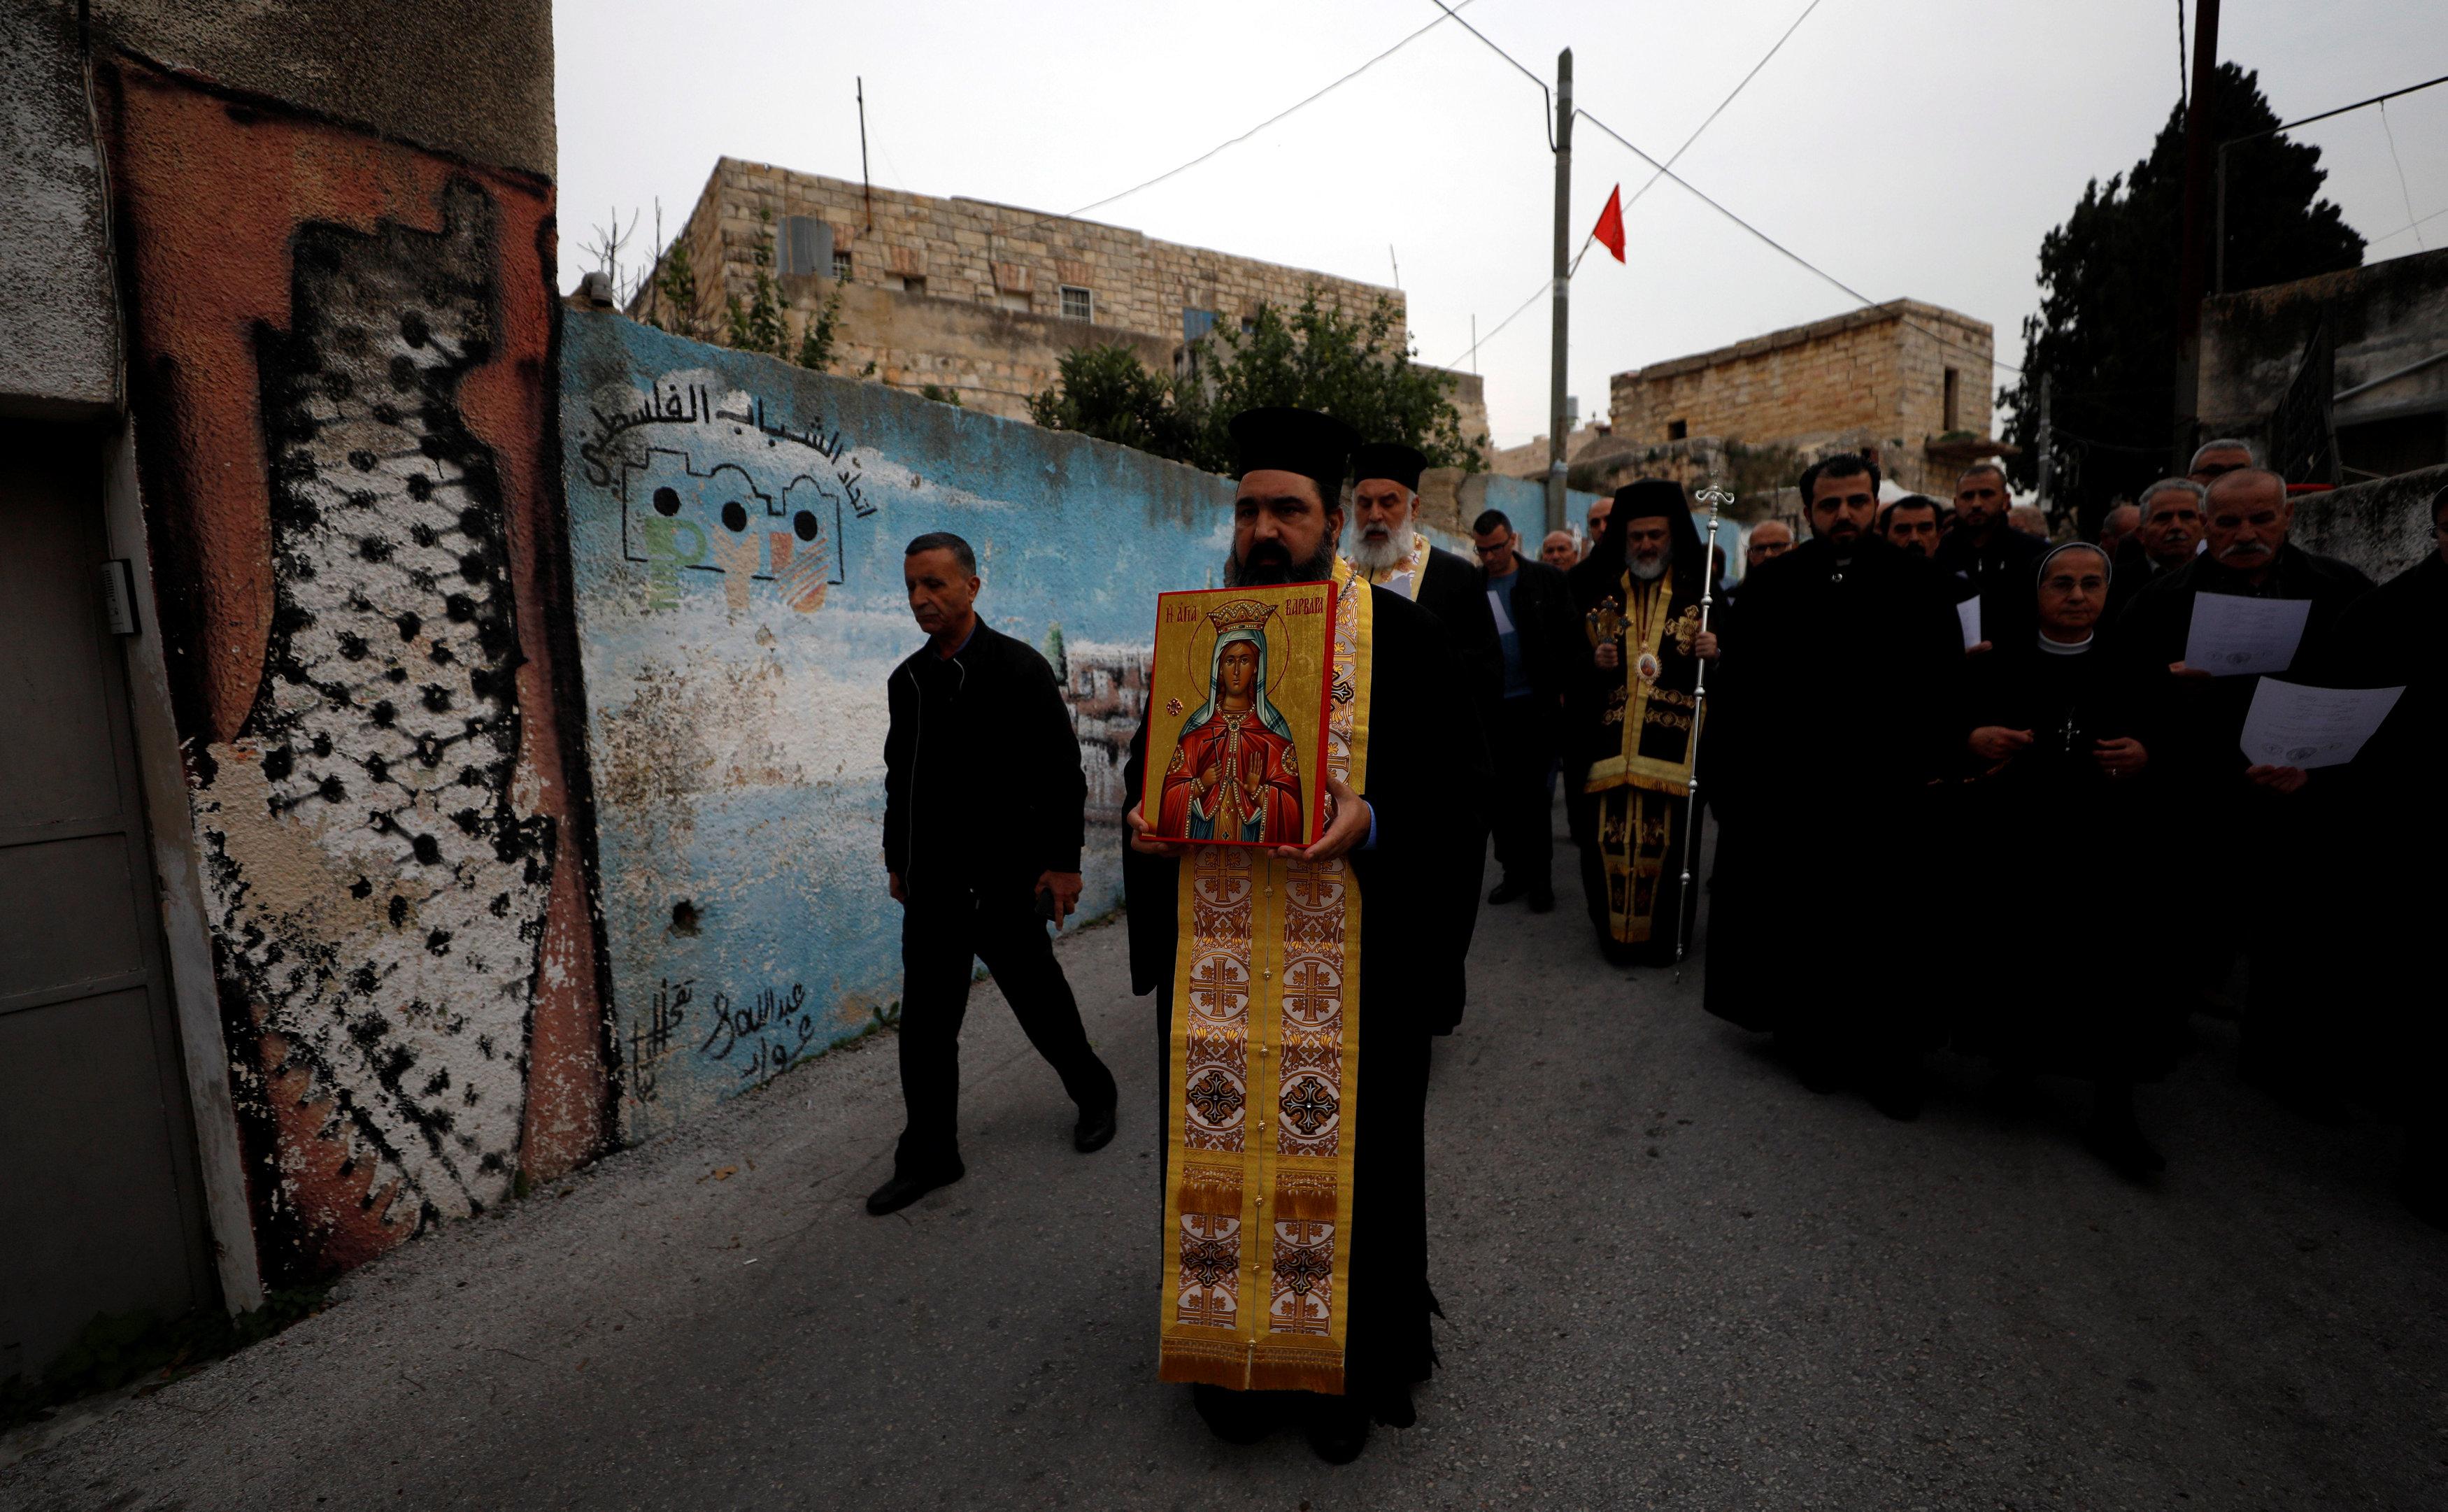 رجال الدين يزفون صورة القديسة بربارة فى شوارع القرية